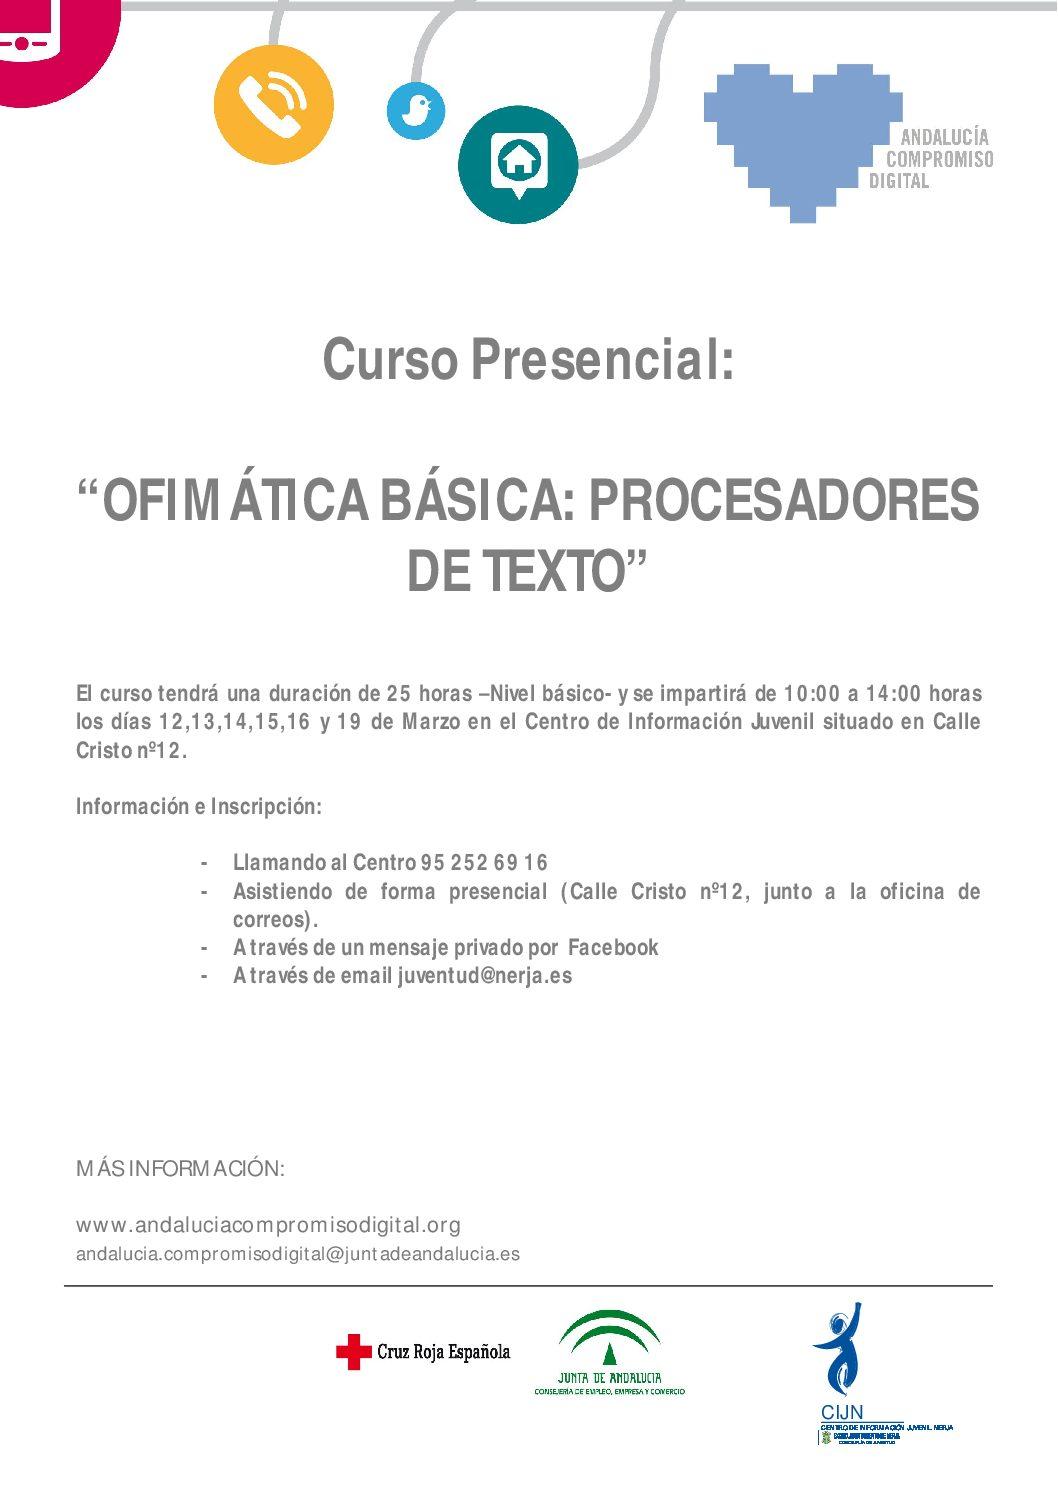 OFIMÁTICA BÁSICA: PROCESADORES DE TEXTO